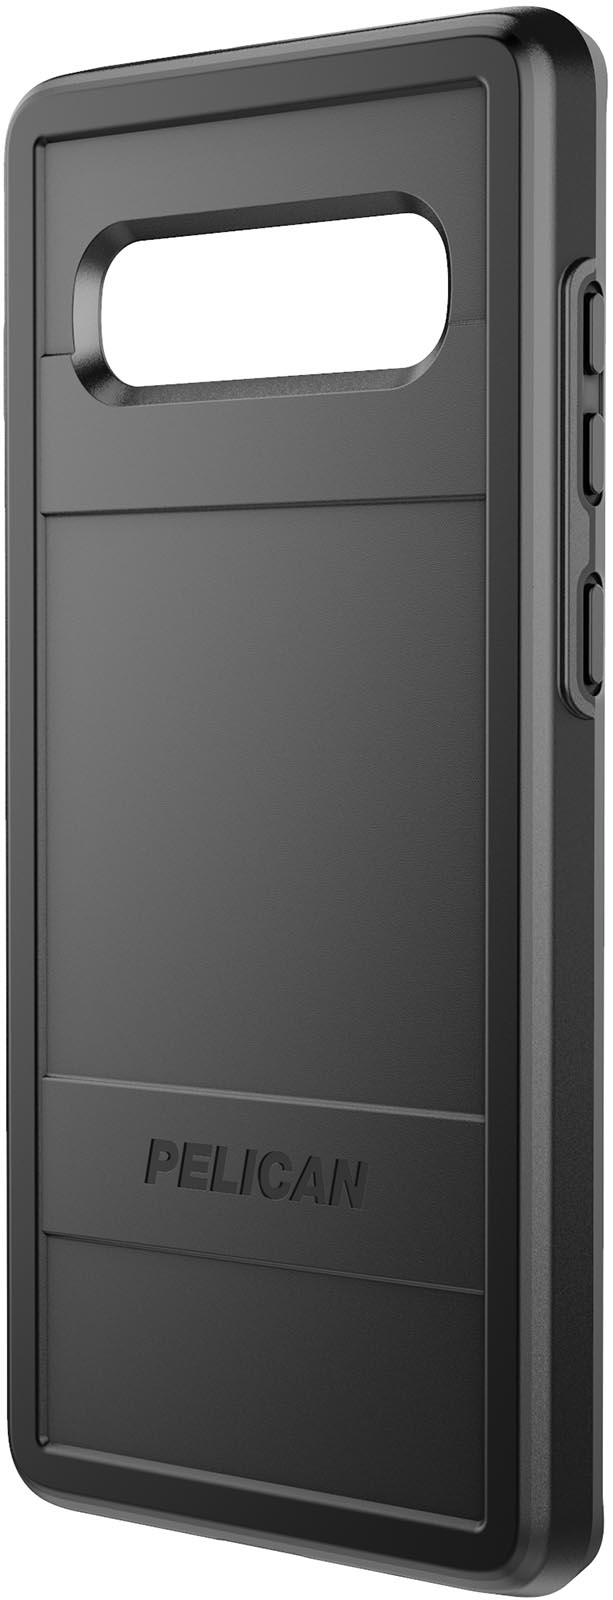 pelican samsung galaxy s10 slim phone case